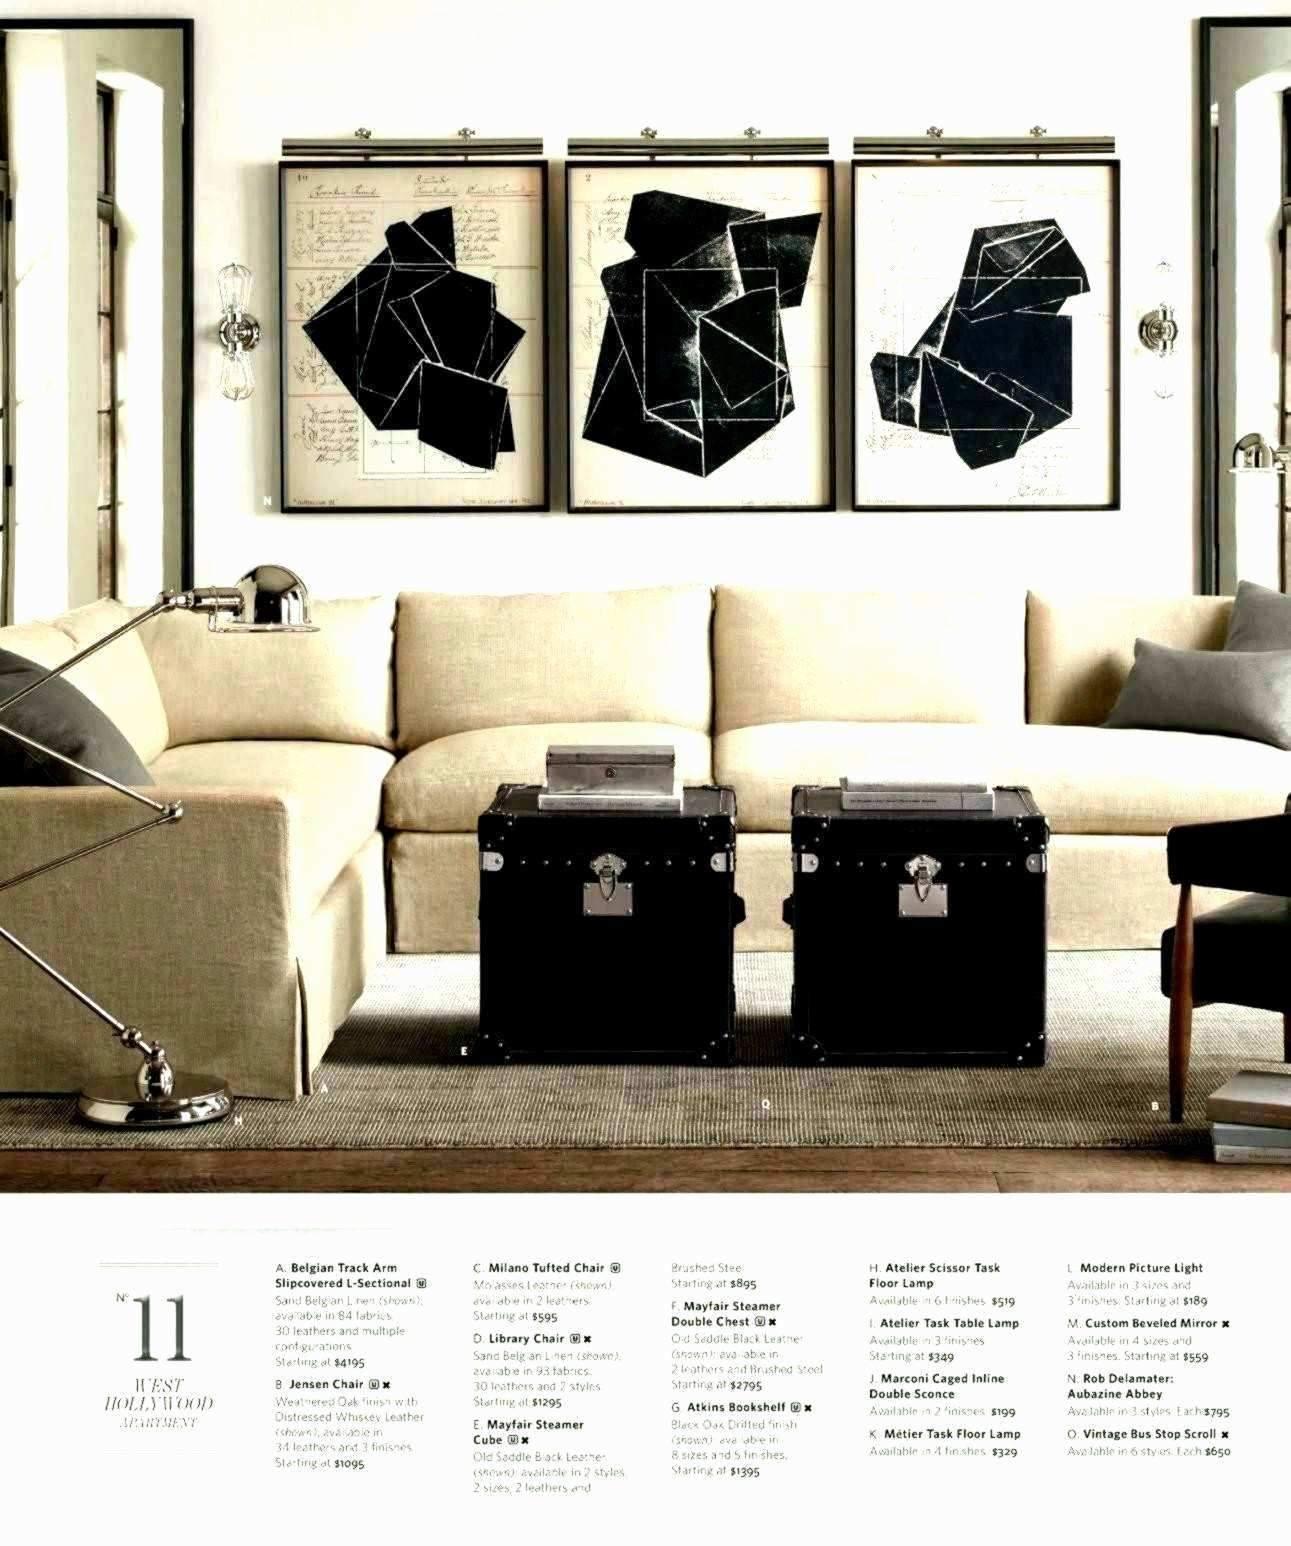 wohnzimmer sessel modern elegant 50 oben von von wohnzimmer sessel modern planen of wohnzimmer sessel modern